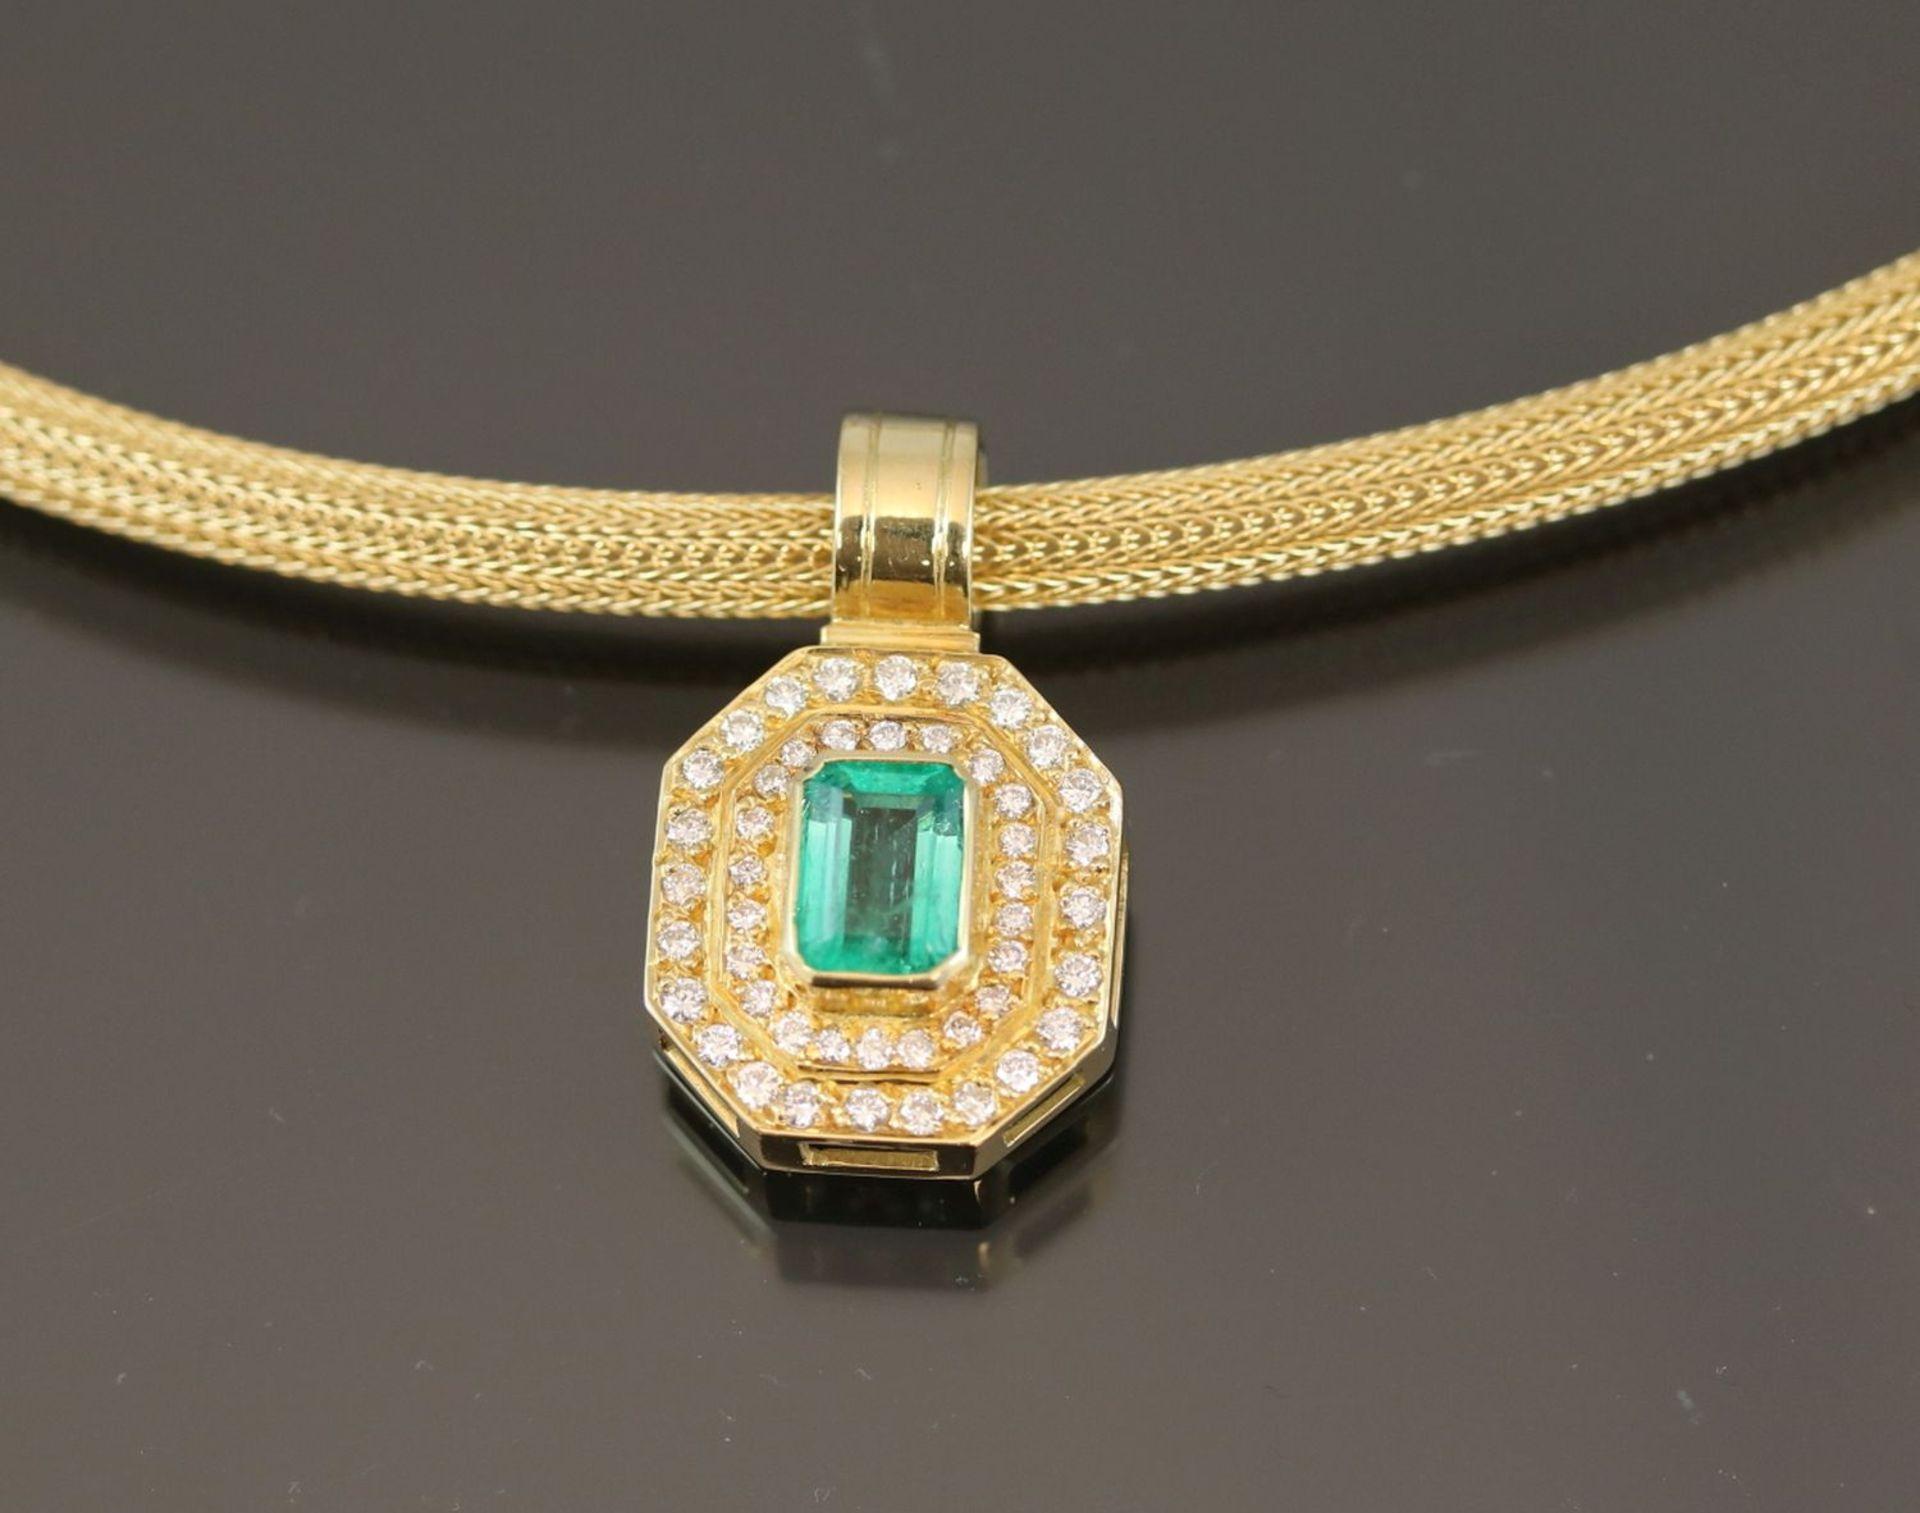 Los 54 - Smaragd-Brillant-Set, 750 Gelbgold34,9 Gramm Brillanten, 1,14 ct., tw/vvsi. Set besteht aus einem